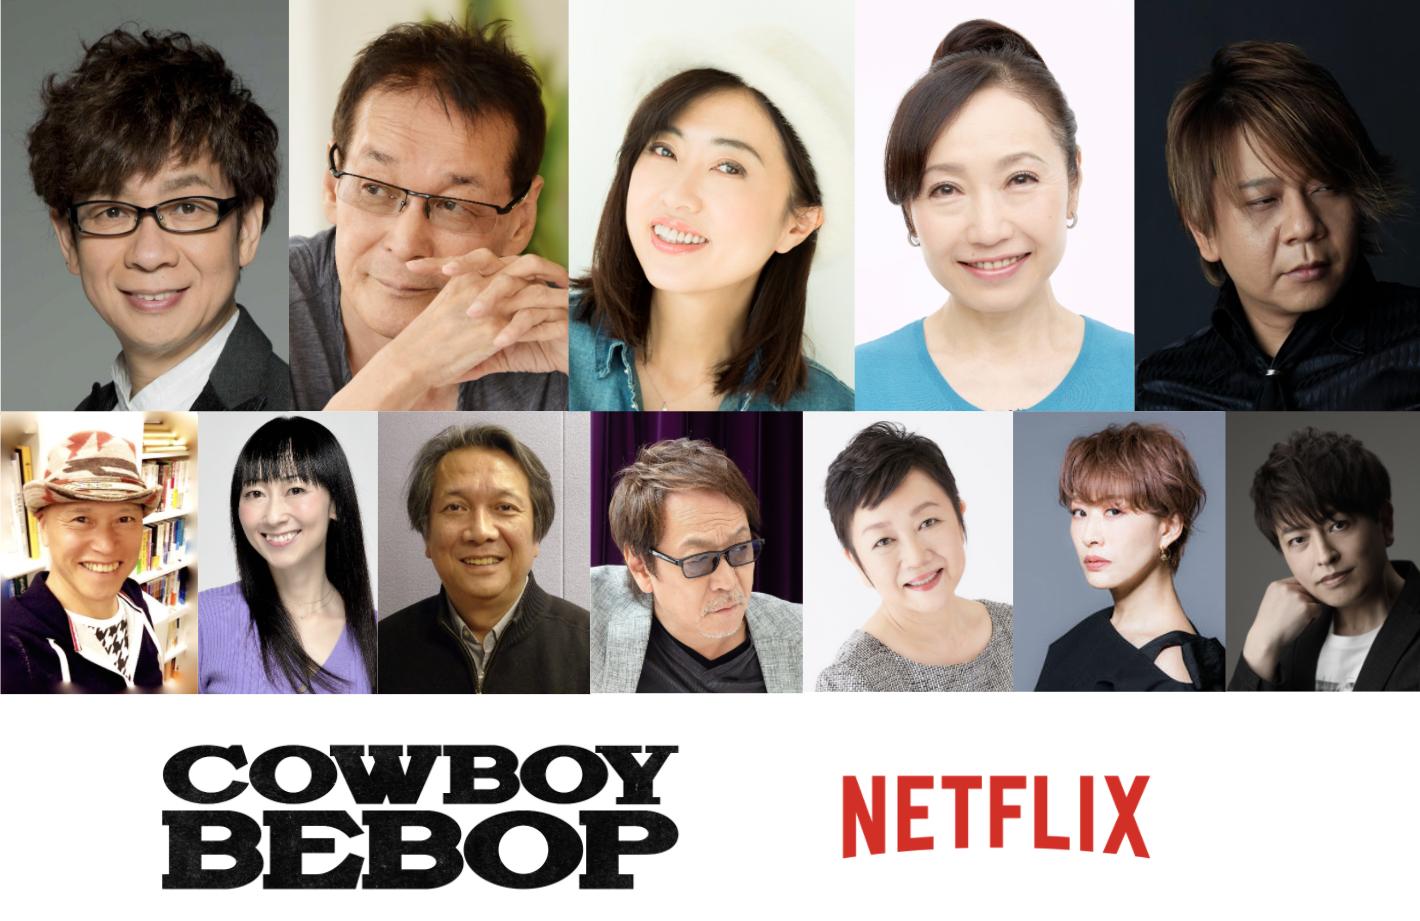 Cowboy Bebop x Netflix